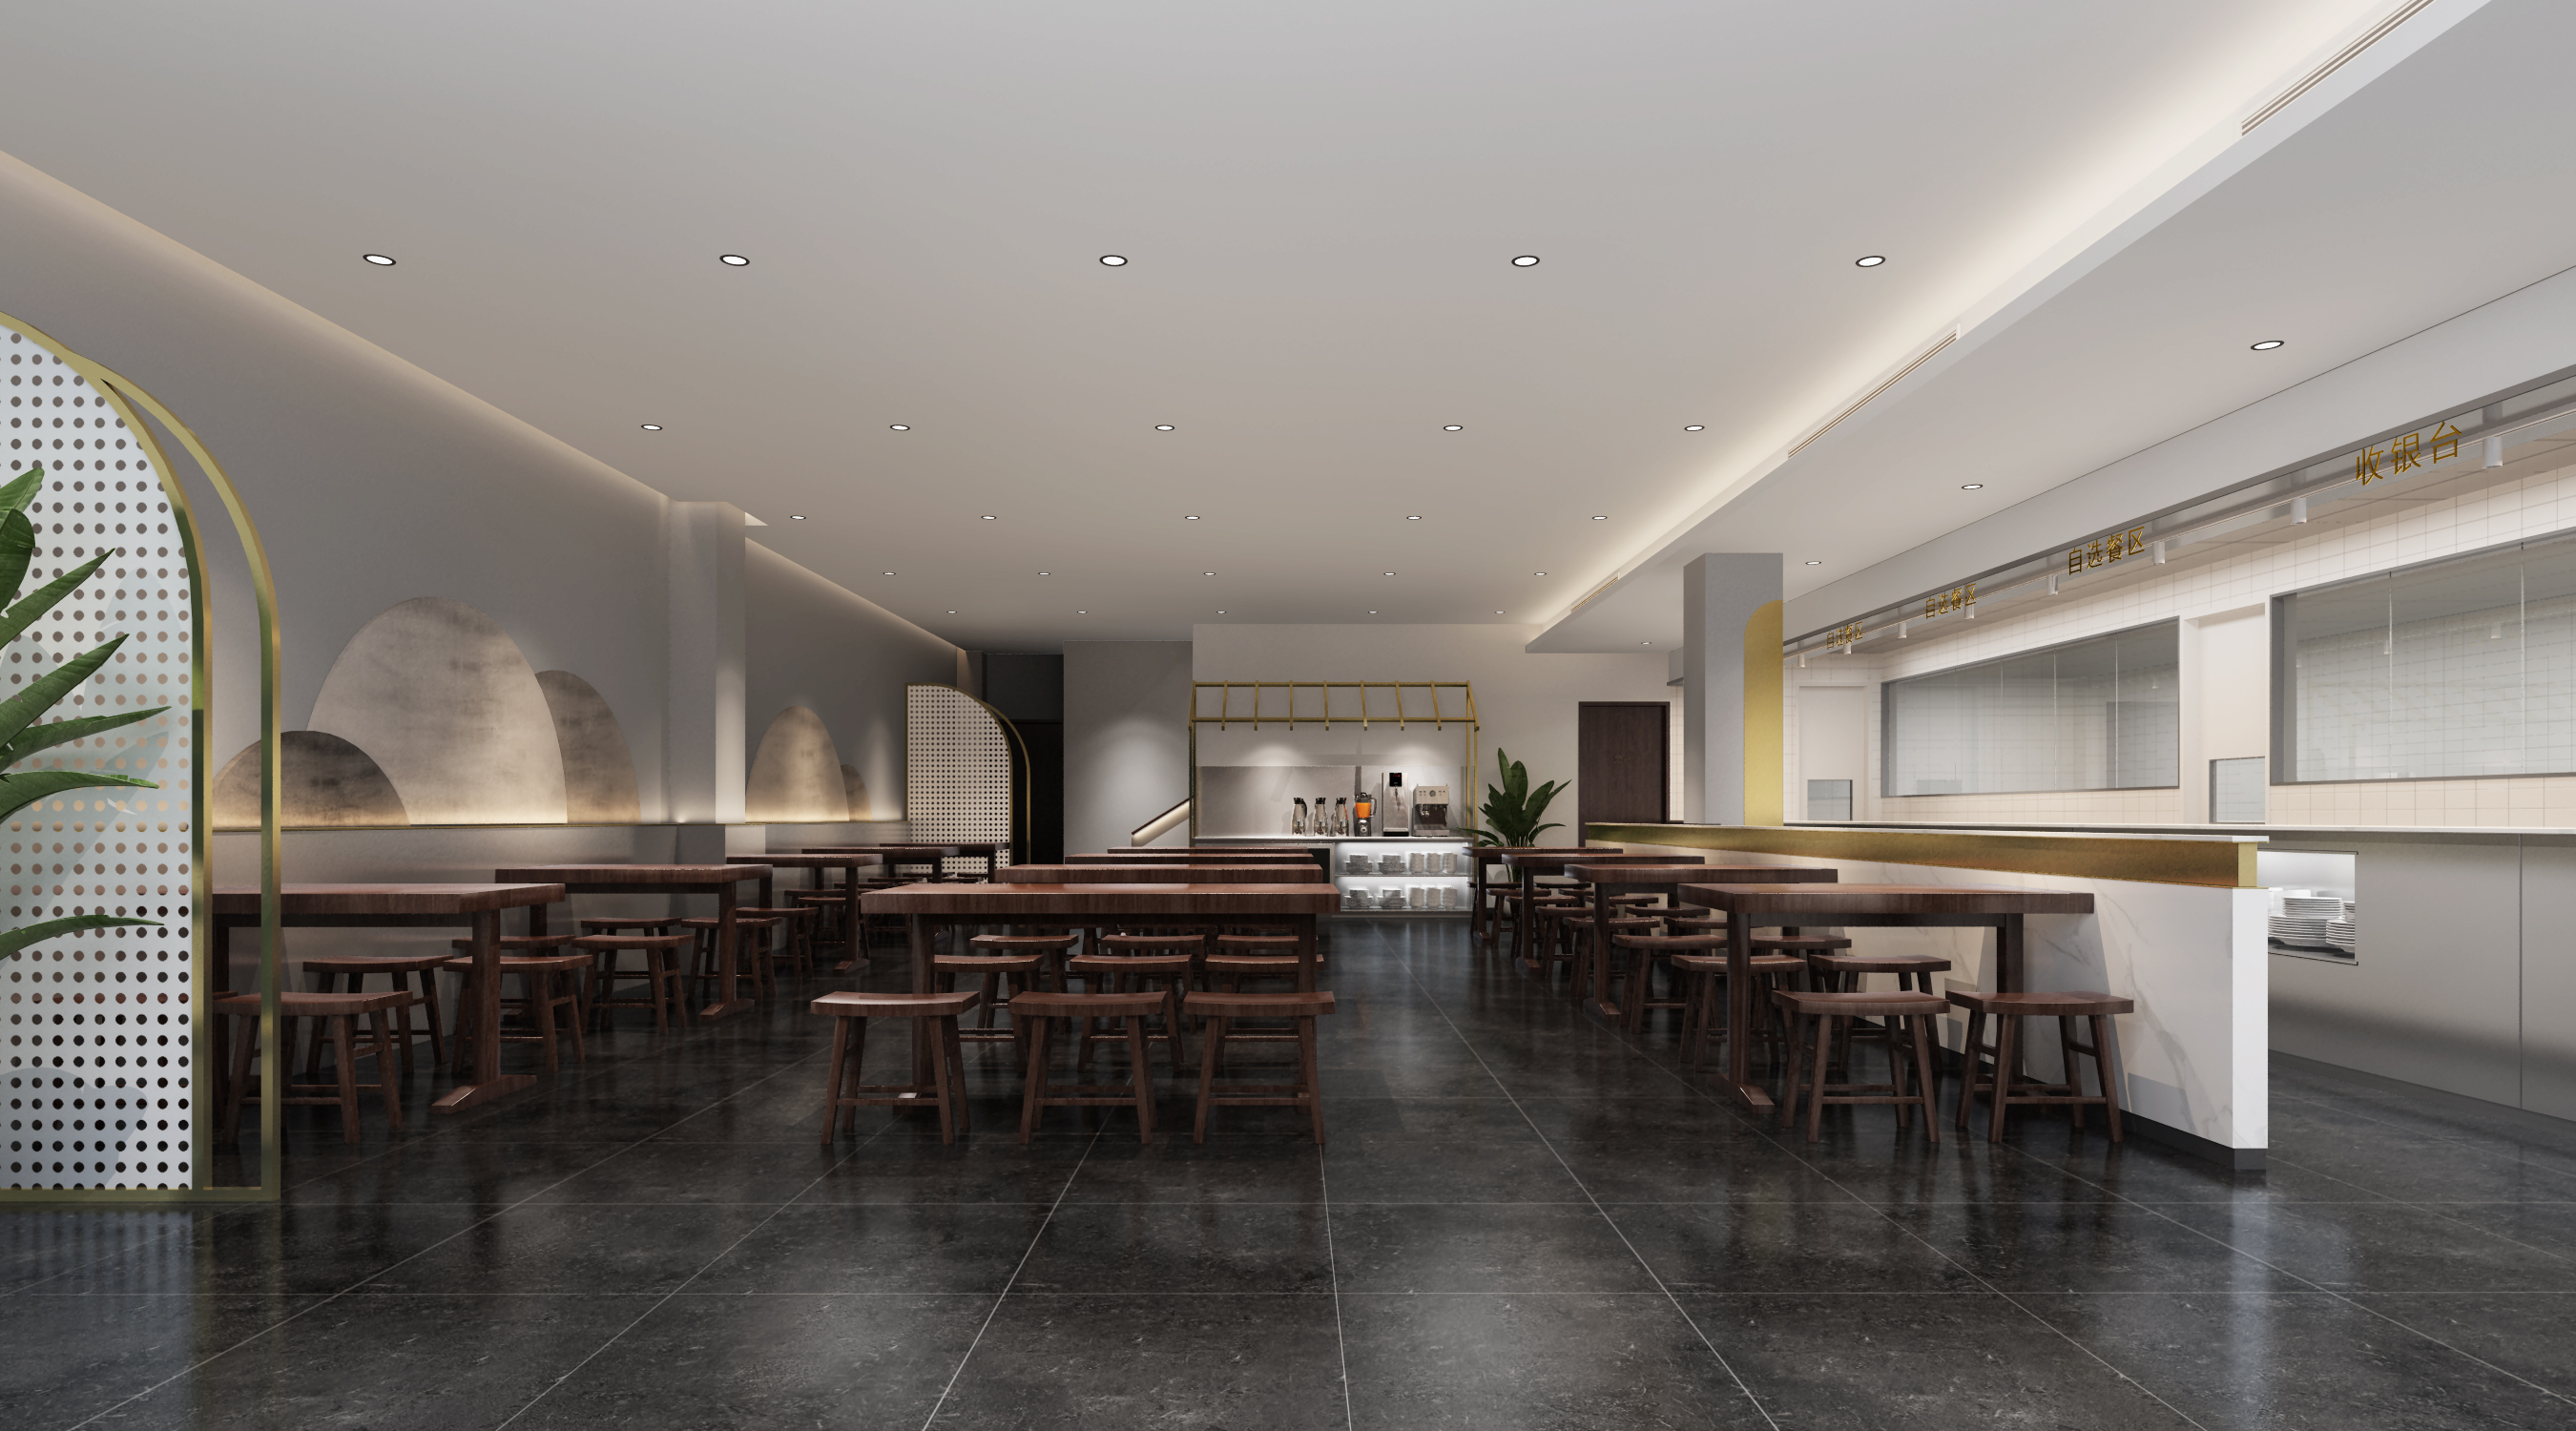 澳门餐厅策划的注意事项有哪些